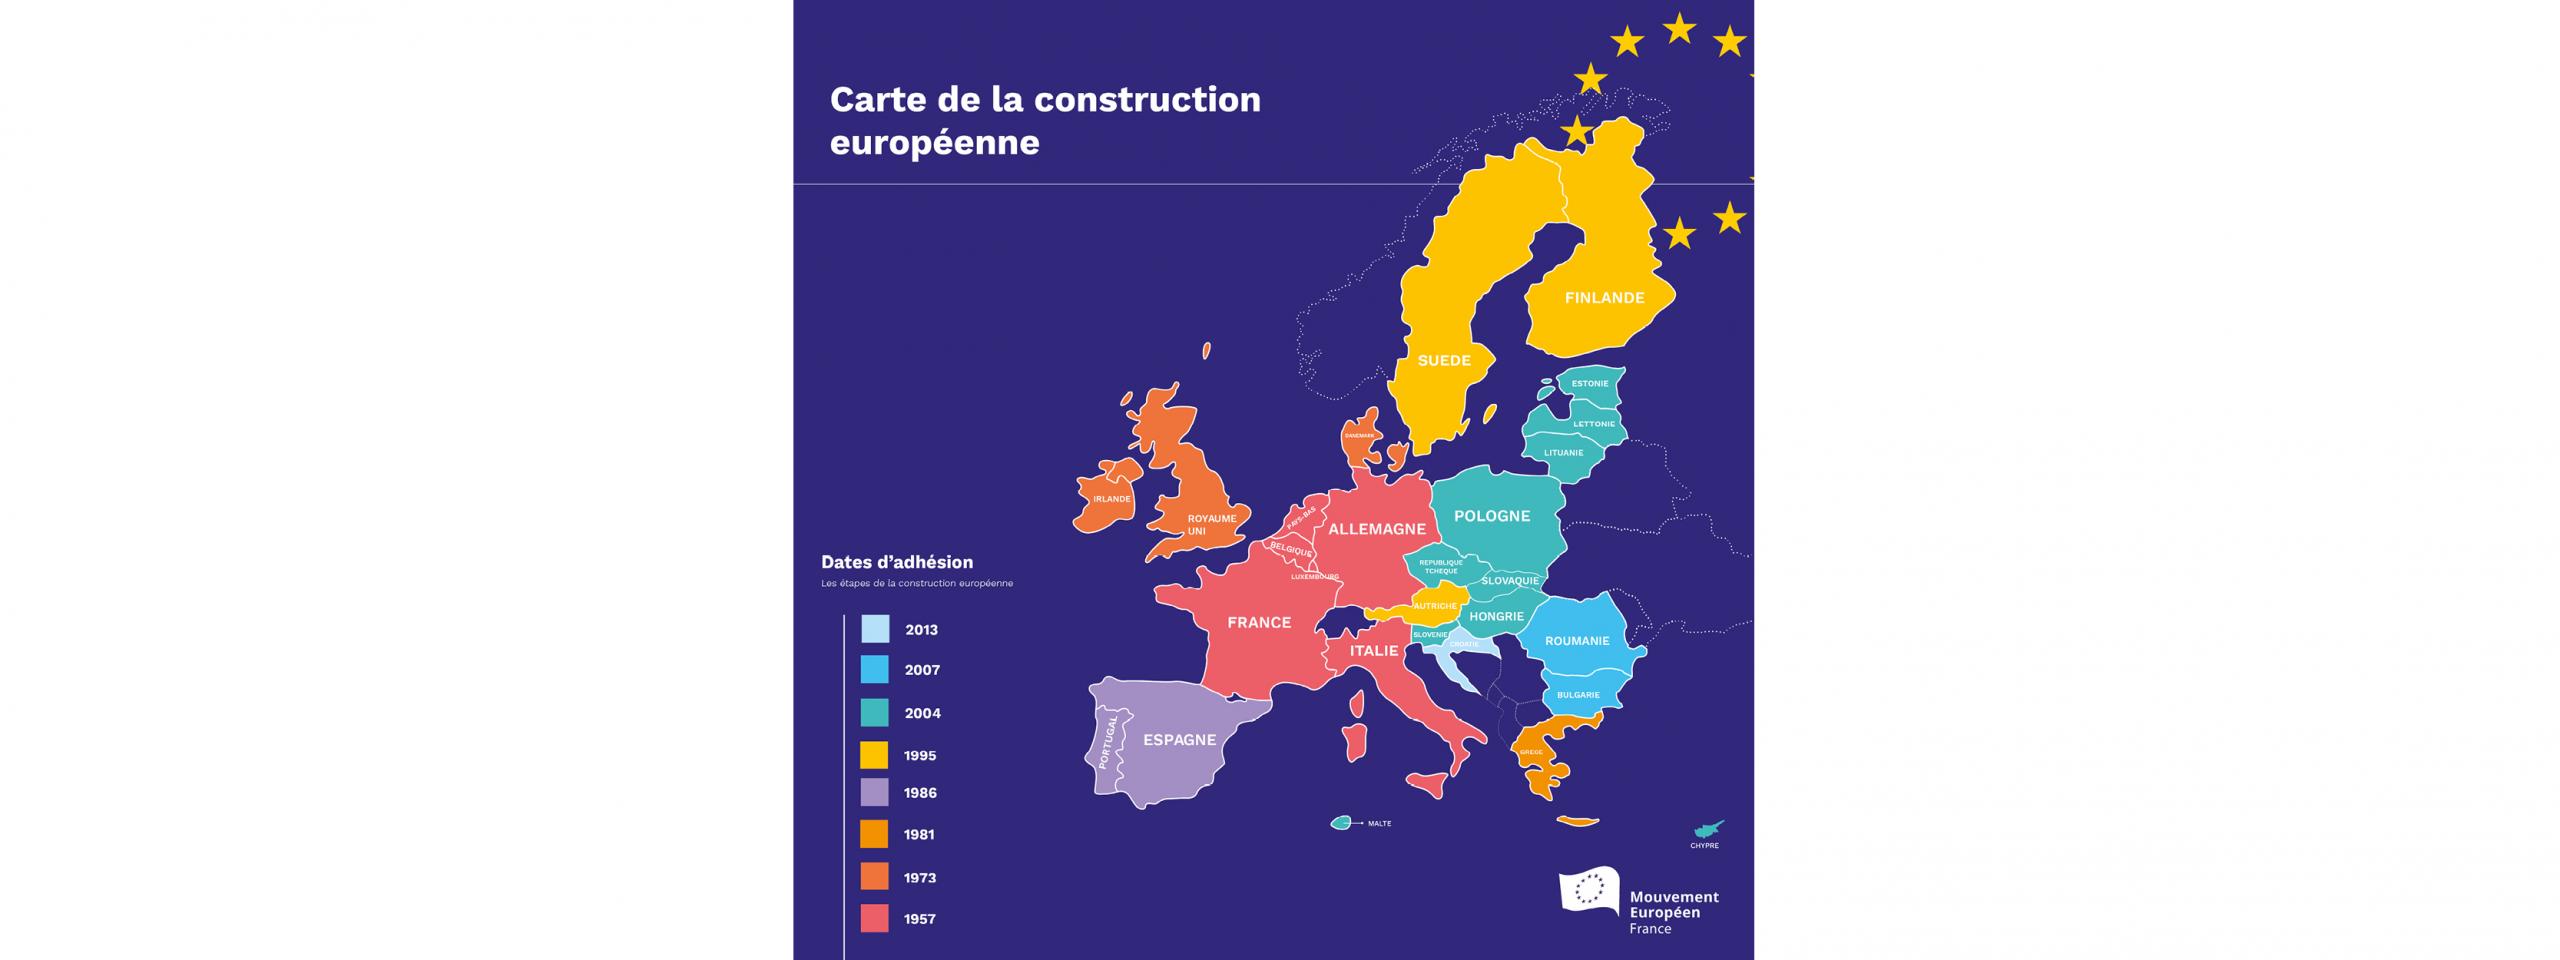 Union Européenne : La Construction Européenne En Carte destiné Union Européenne Carte Vierge